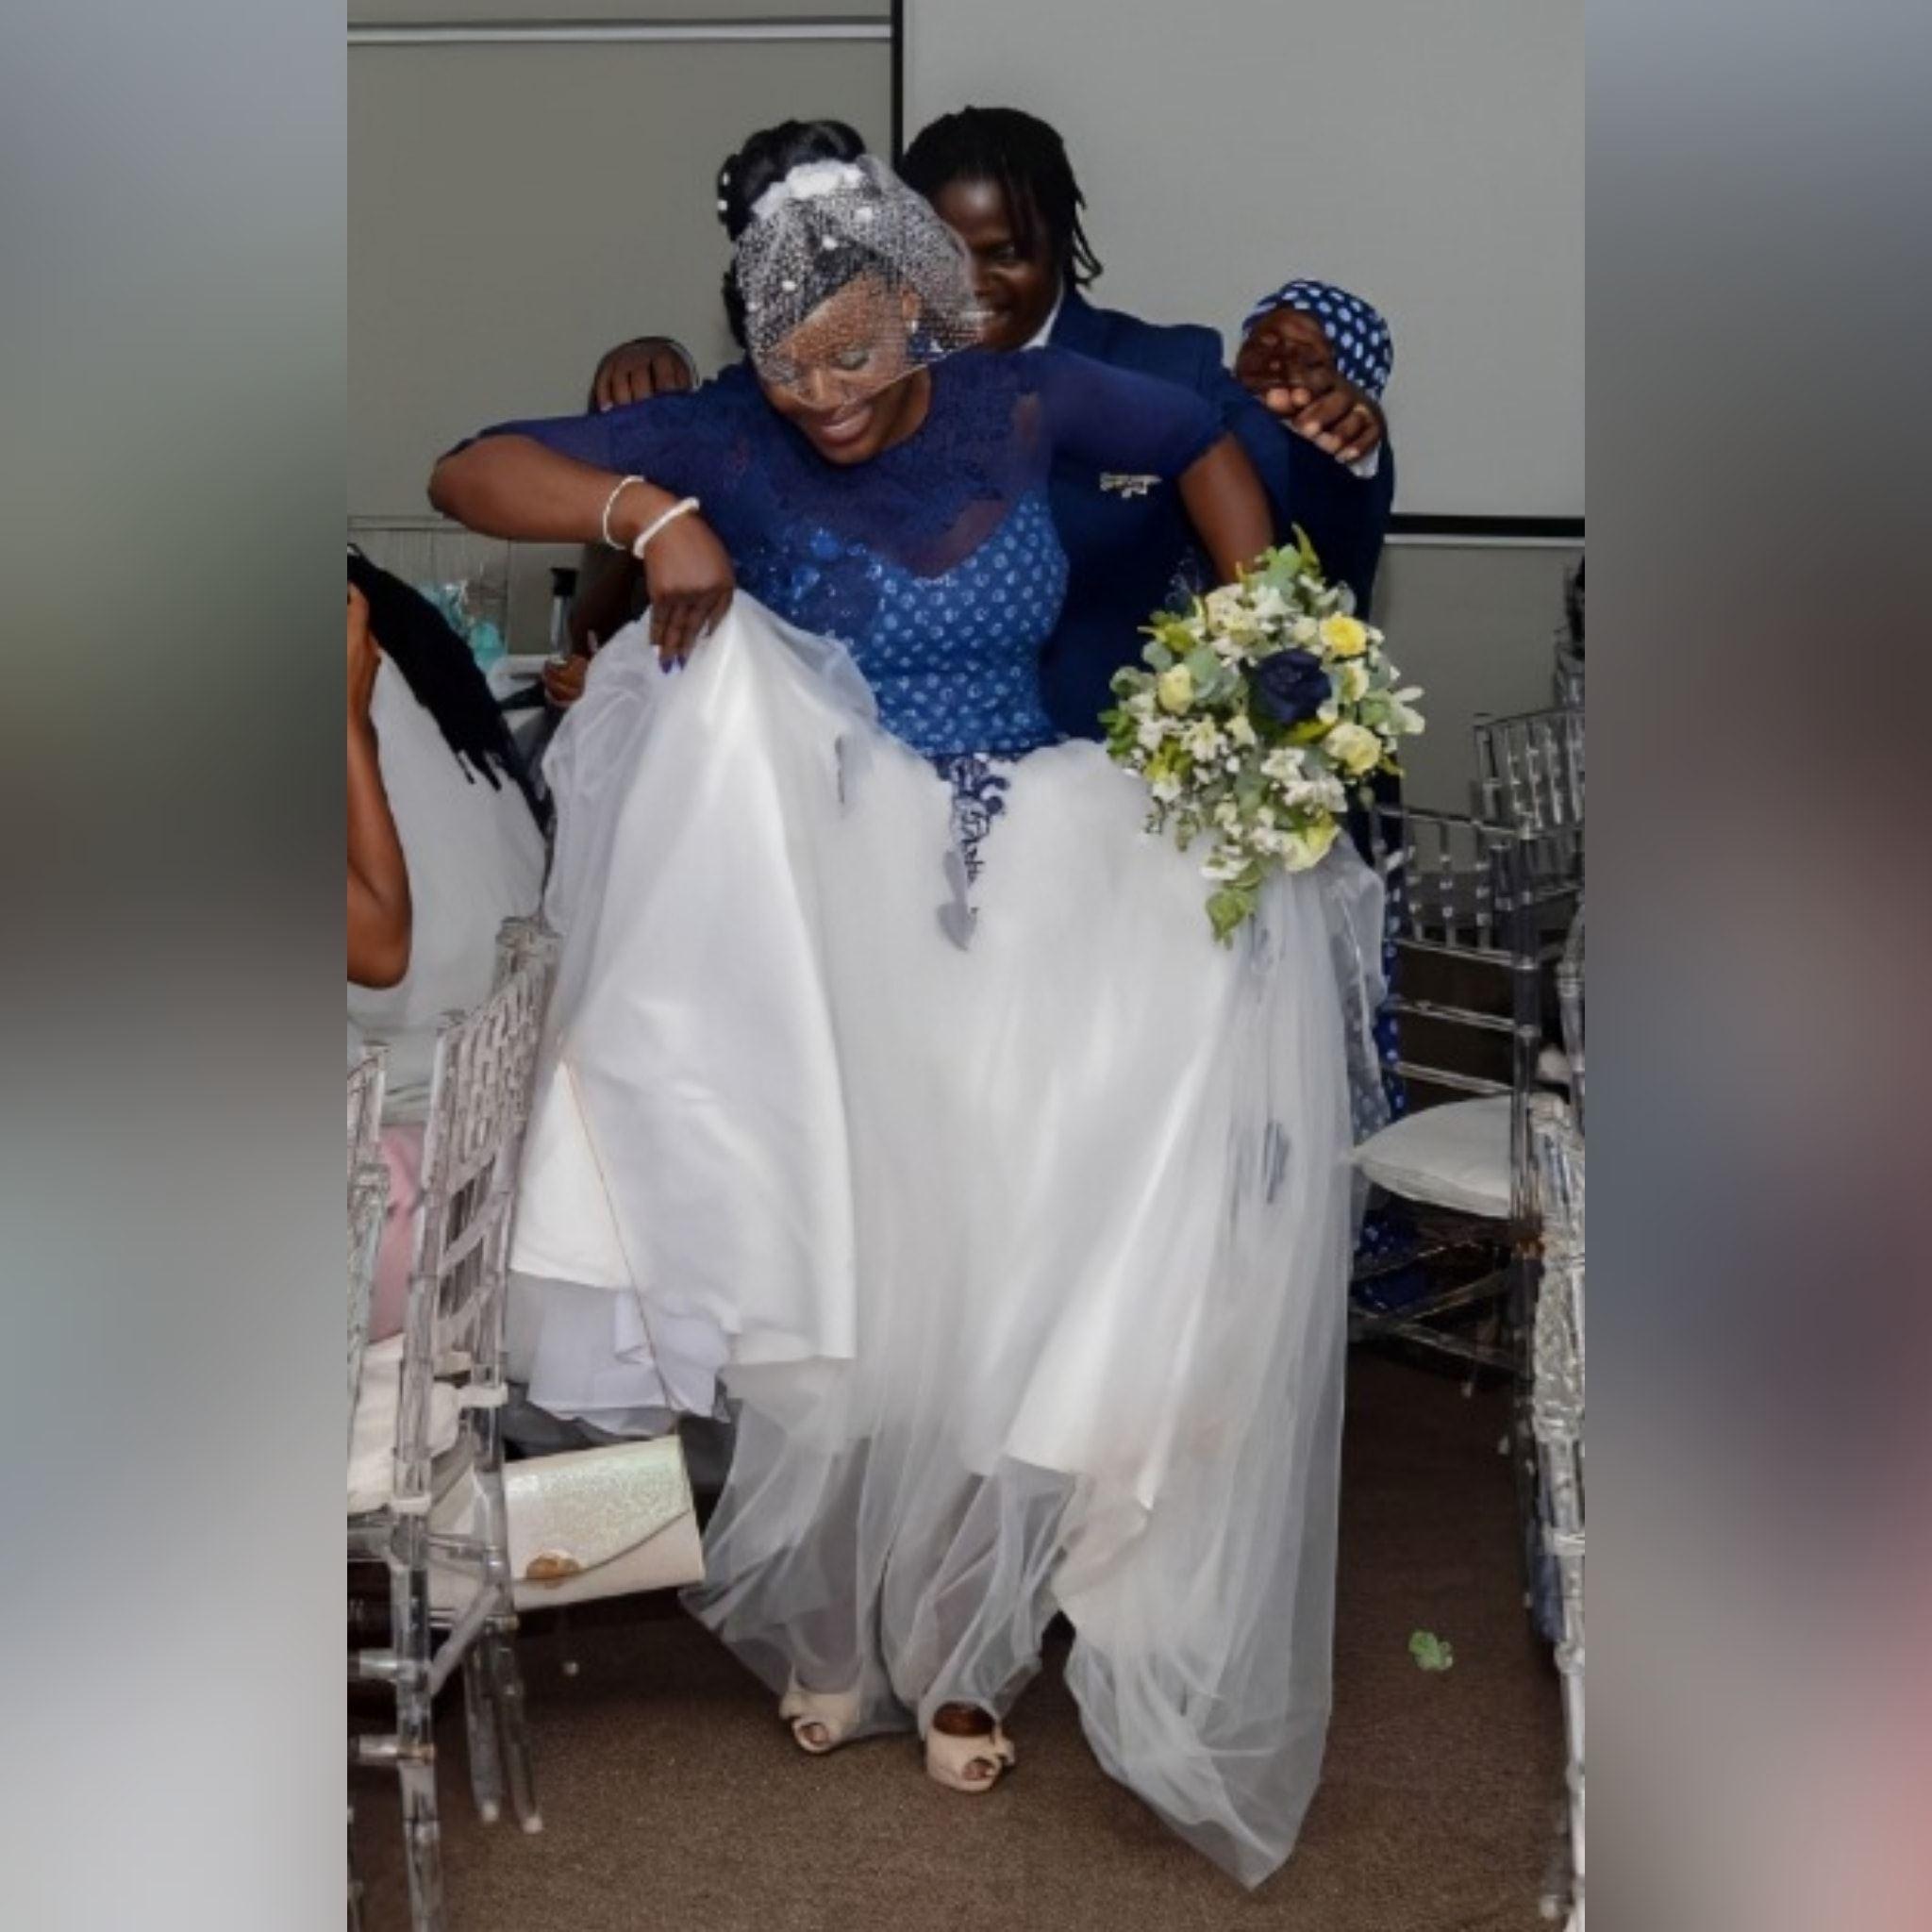 Vestido de noiva tradicional africano moderno 4 vestido de noiva tradicional africano moderno criado para o dia especial da minha cliente. Com corpete tradicional em estampado azul detalhado com rendas, miçangas e pérolas. Fundo em tule branco com um toque de detalhe de renda azul. Com decote de ilusão e mangas. E um véu capacete vintage. #vestidodecasamento #casamentotradicional #tradiçãoafricana #noivatradicional #vestidodenoivaafricano #paixaopormoda